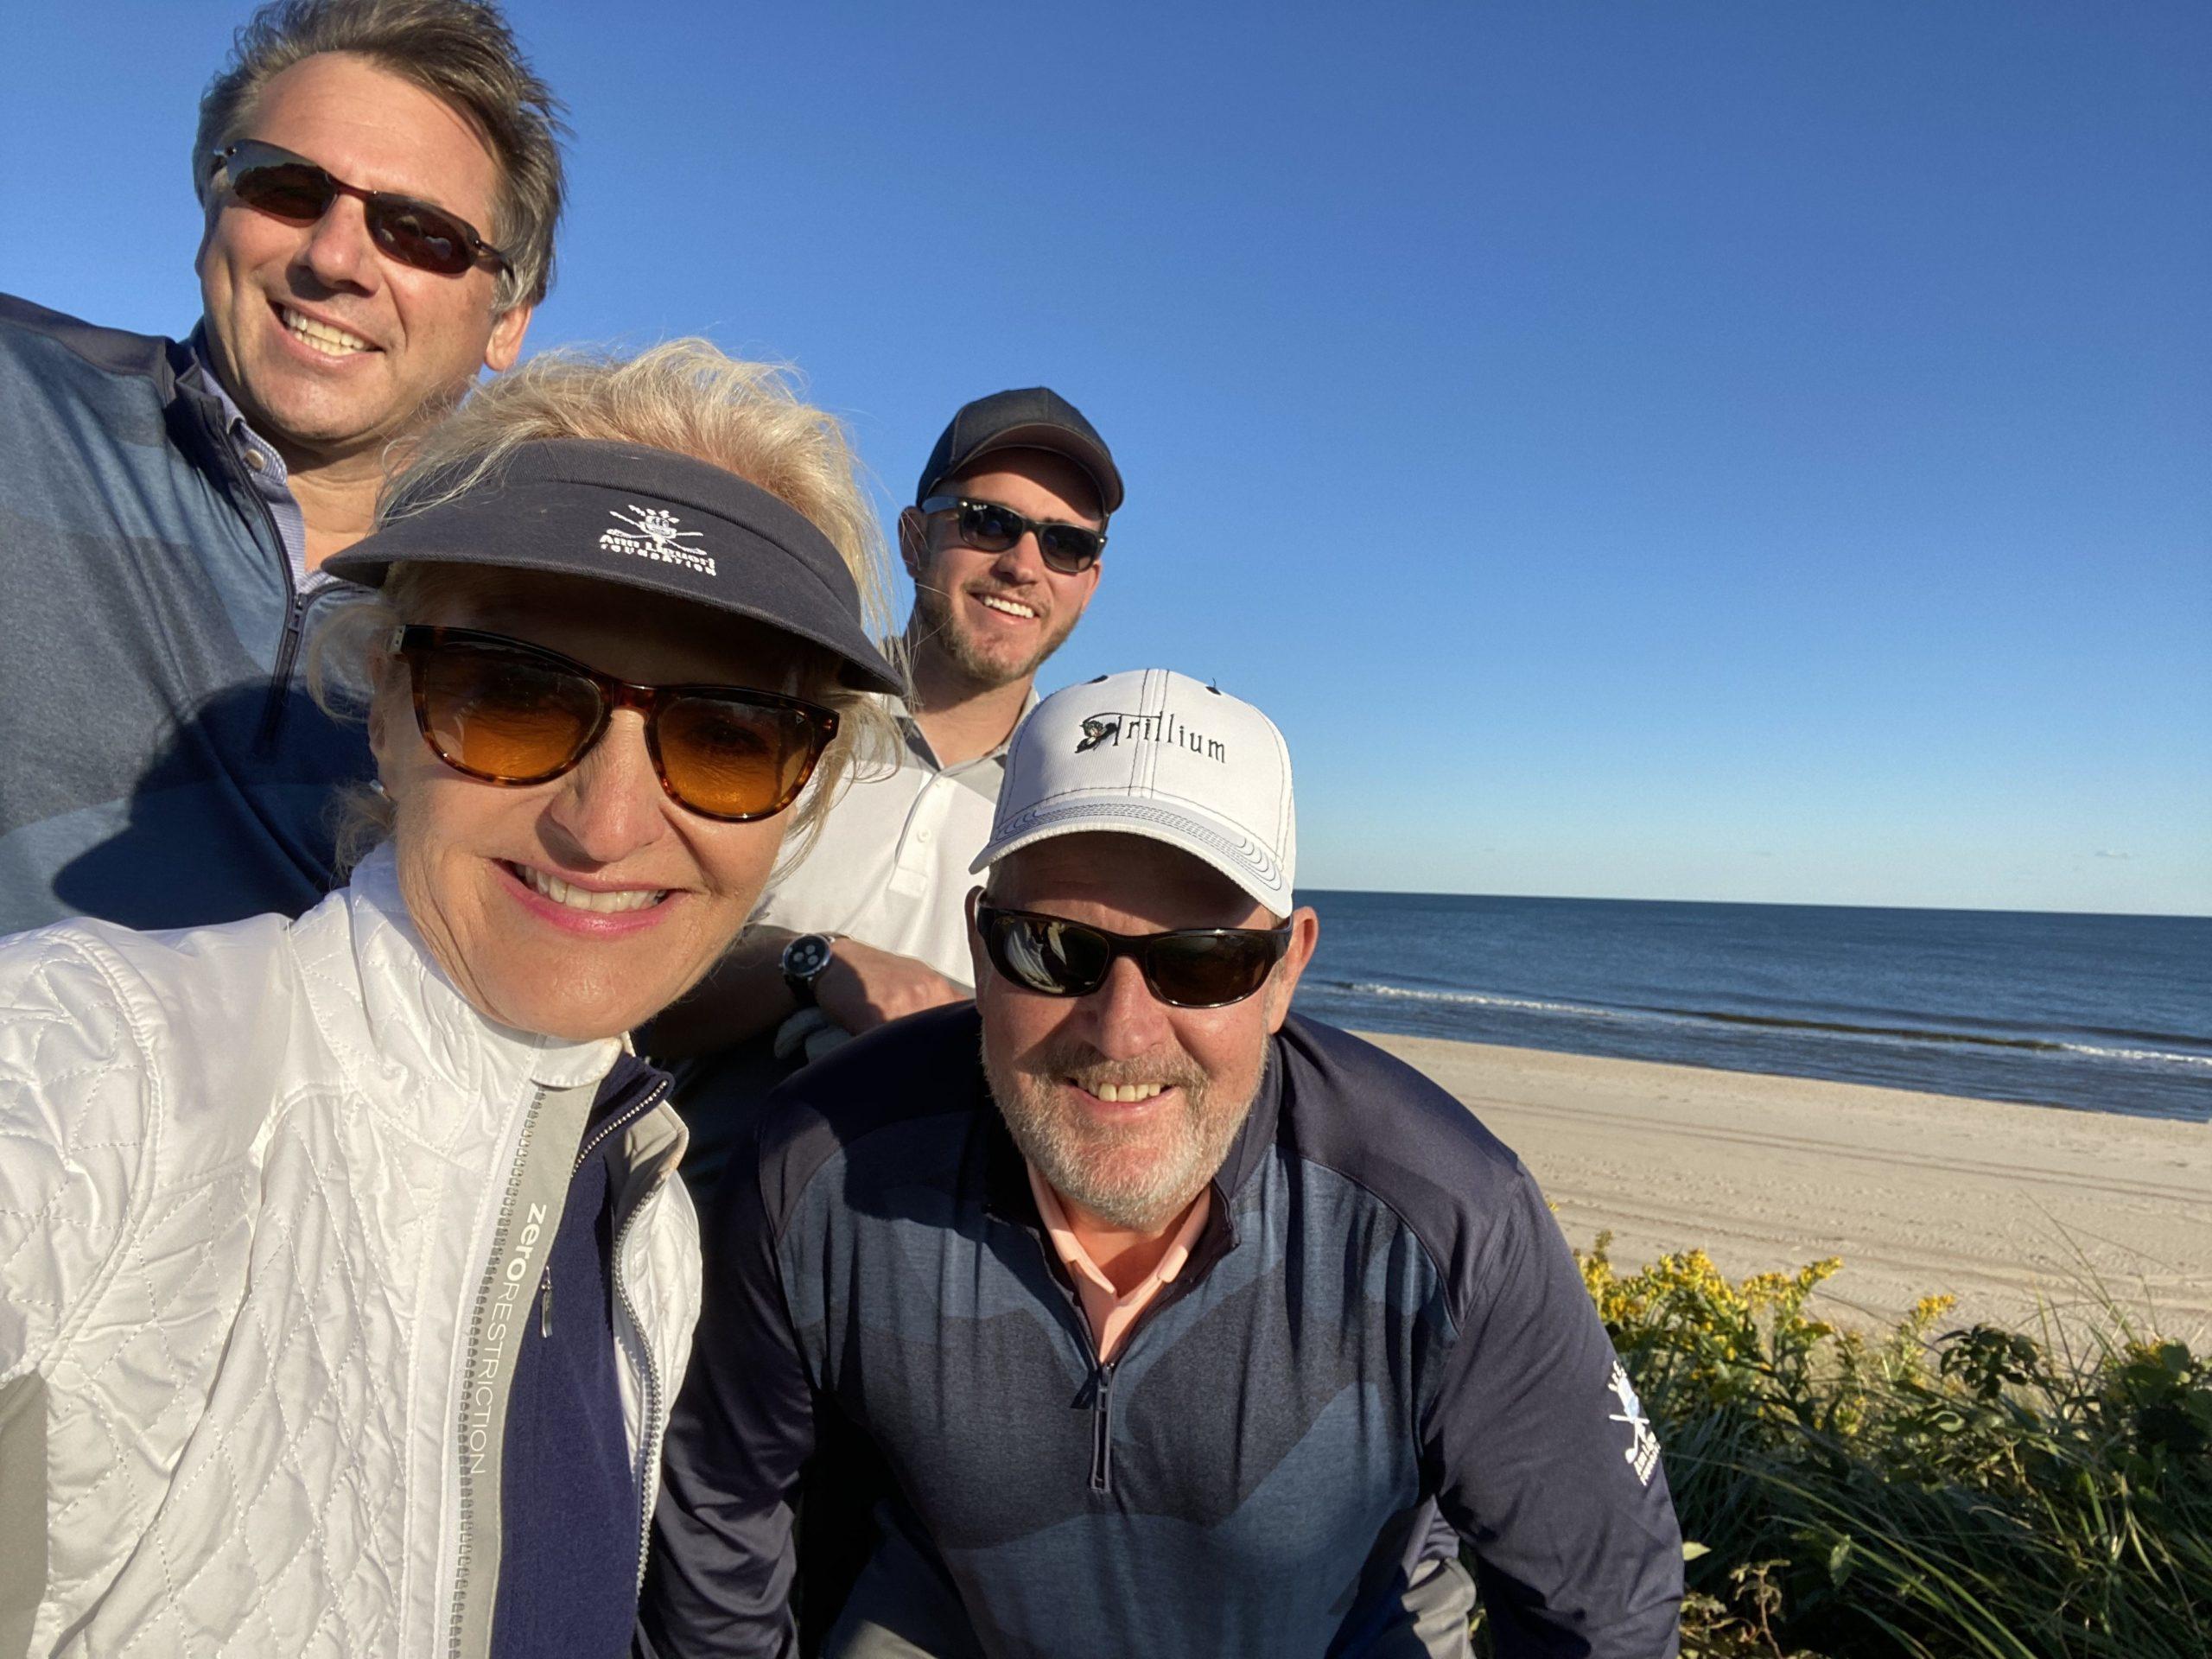 Ann, Scott Vallary, Steve Skidgel & Christian Skidgel selfie along the ocean at the Maidstone Club